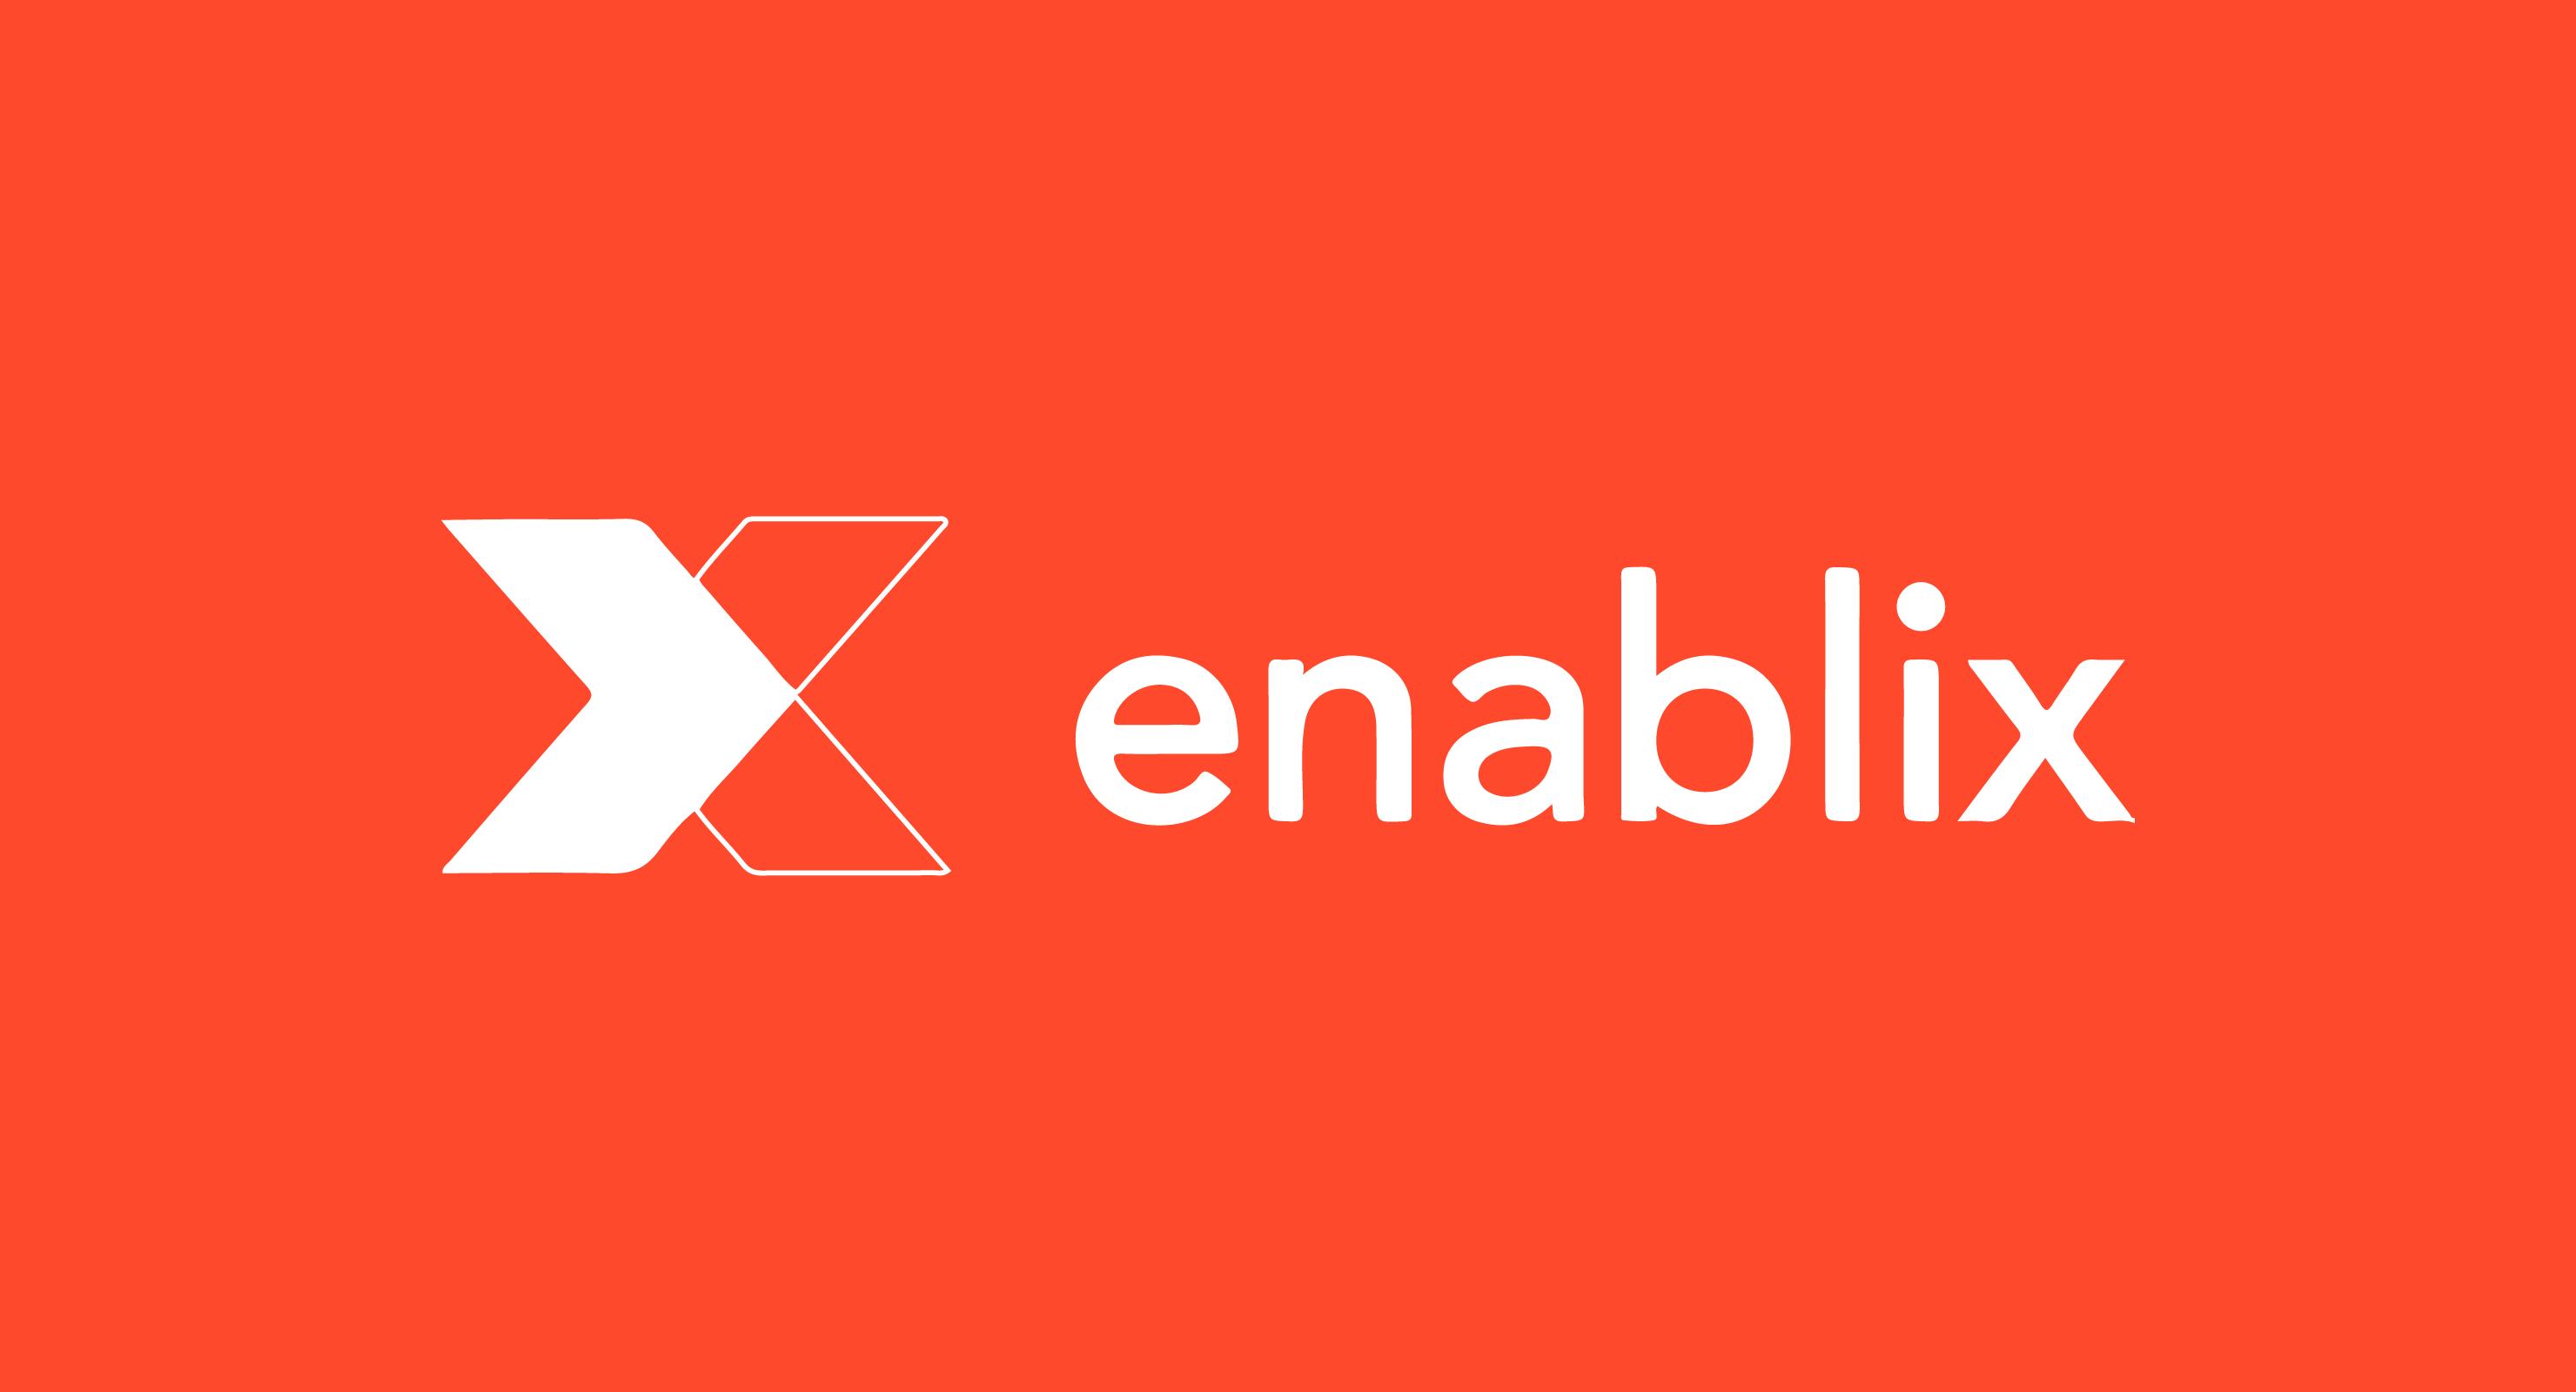 enablix-case-study